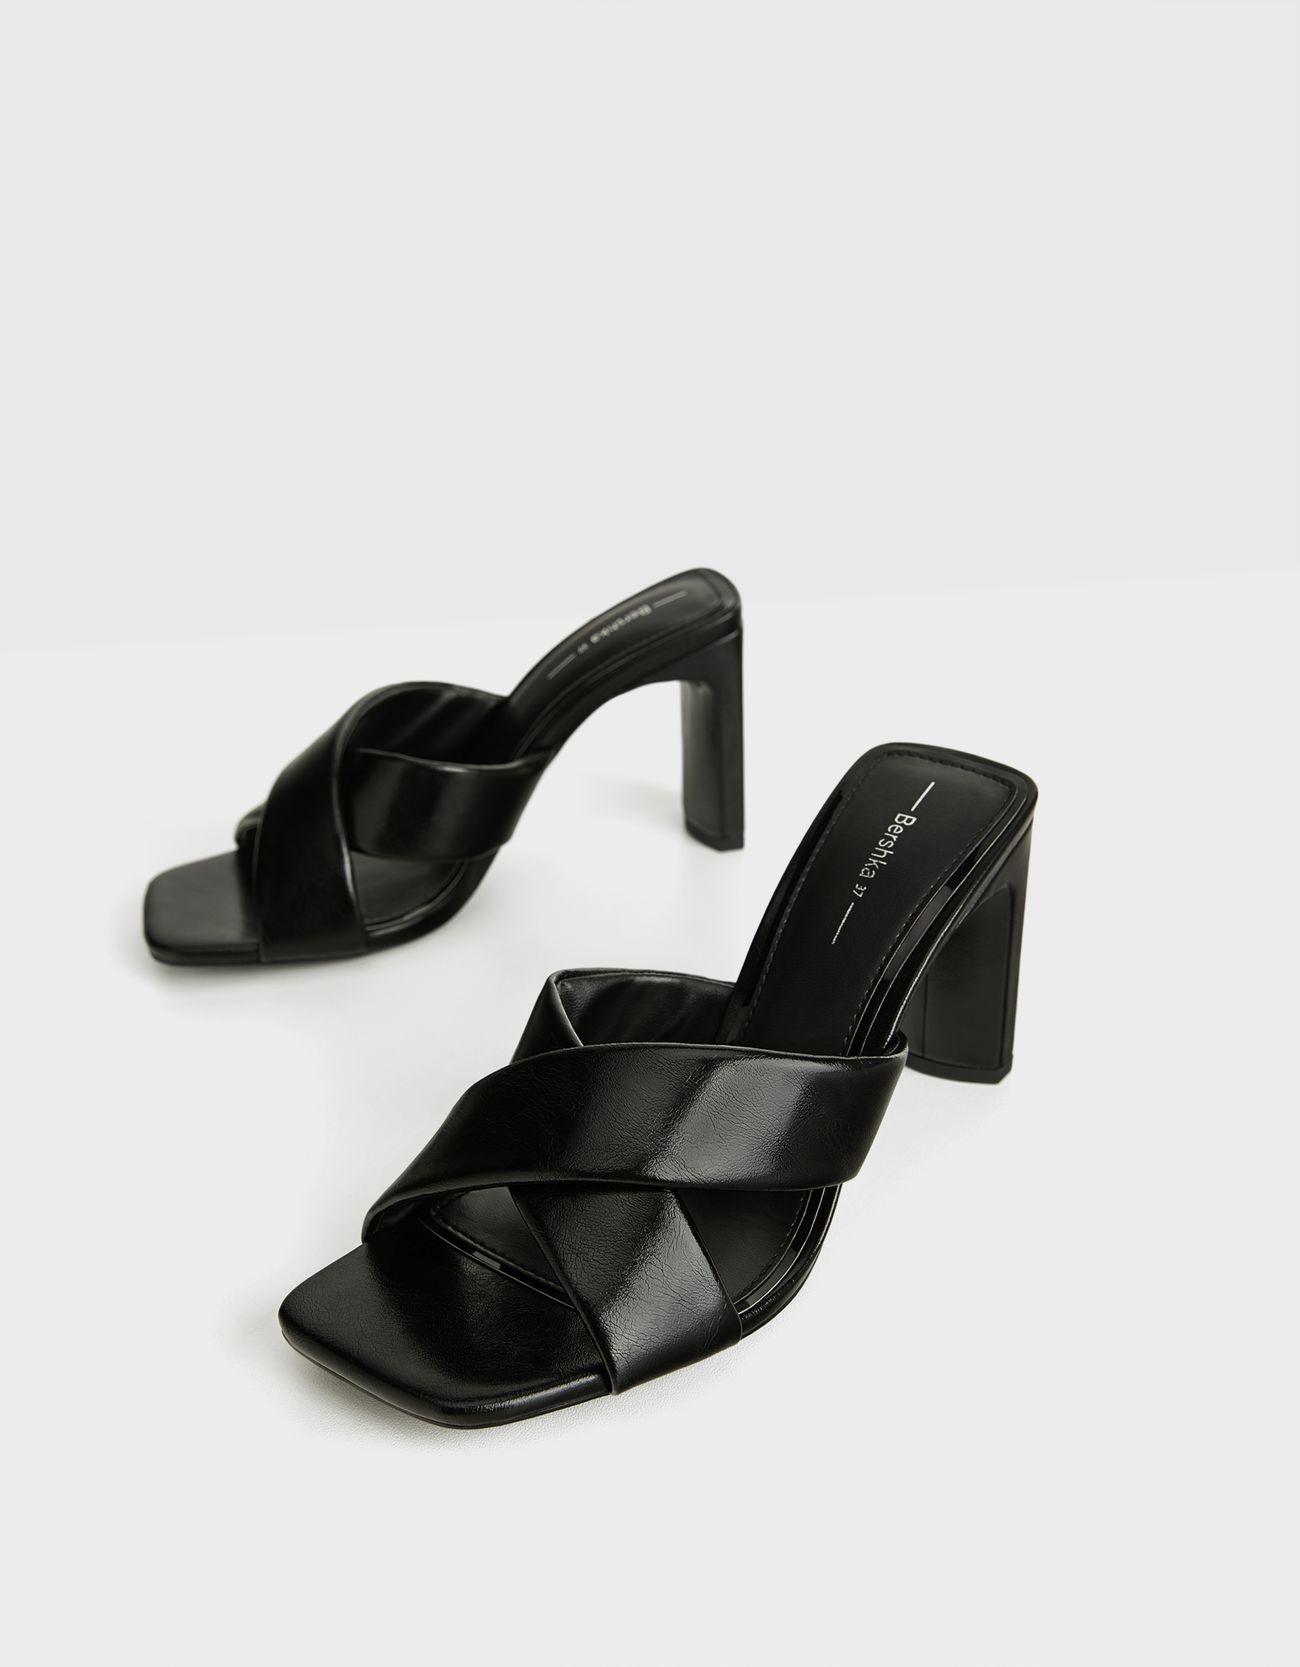 Sandalias de tacón con tiras cruzadas